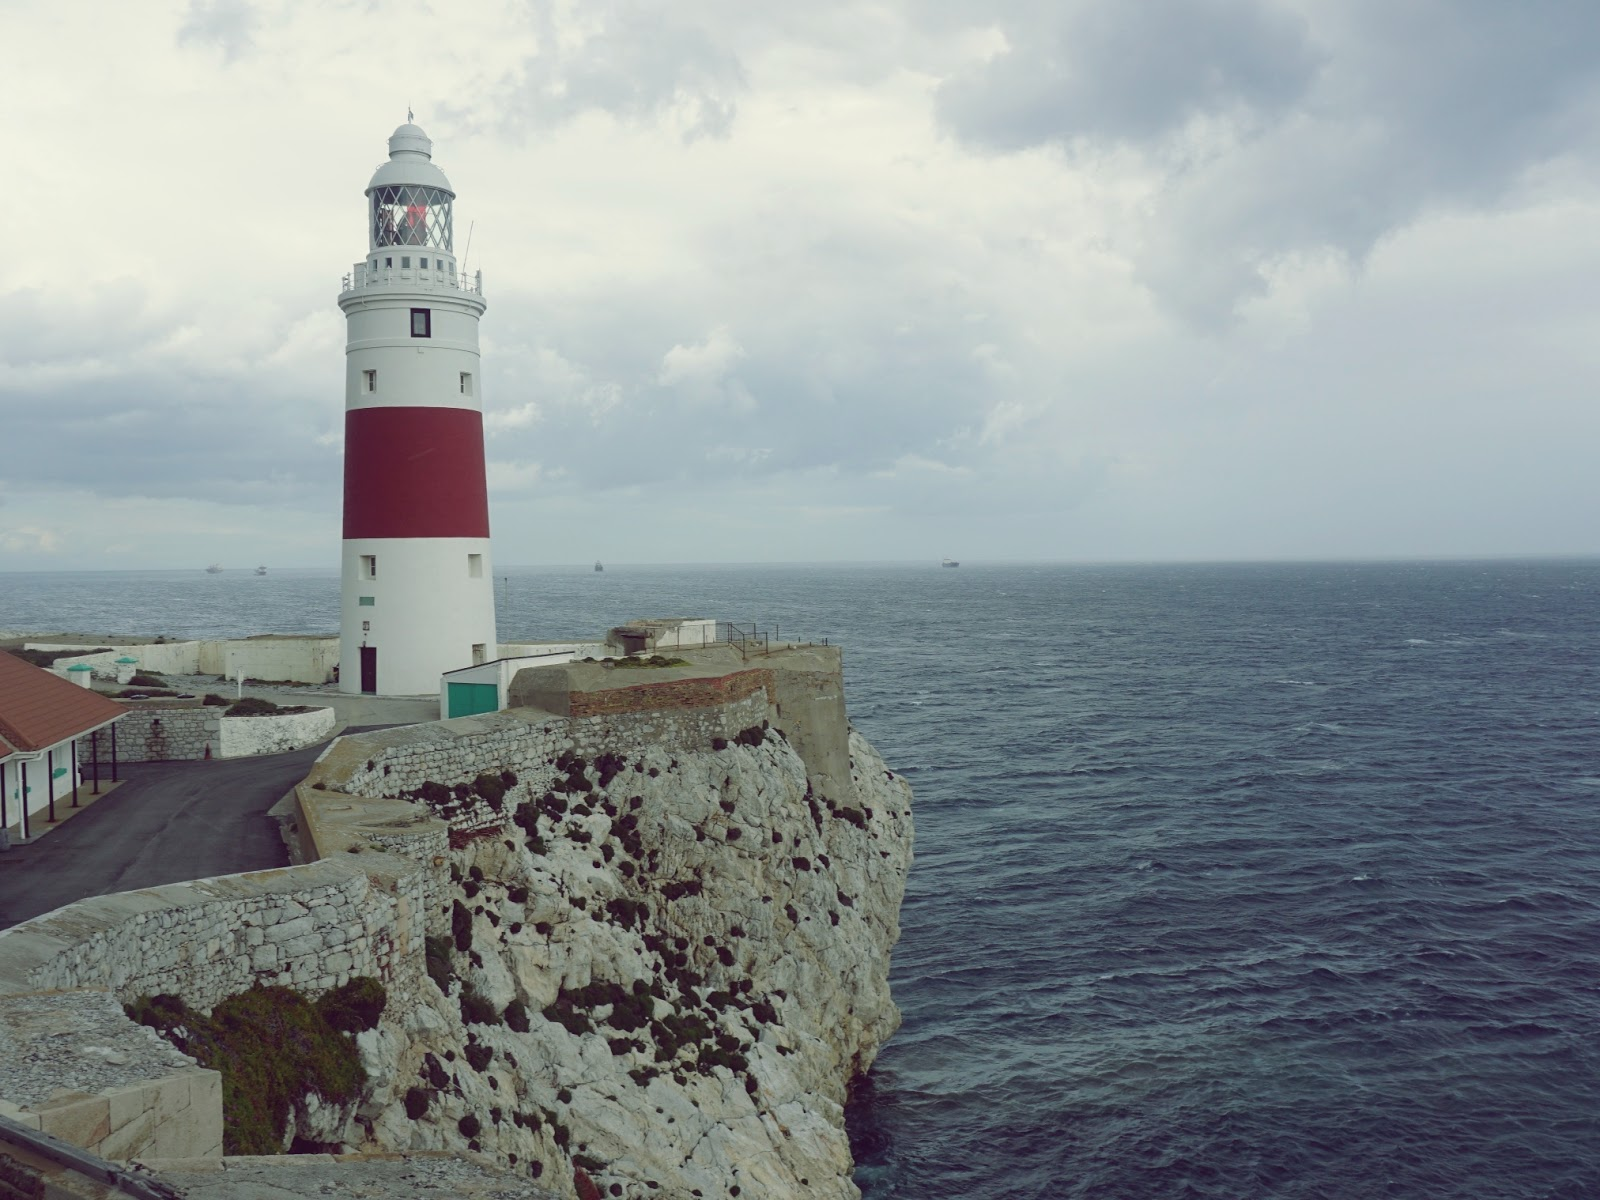 lampa morka na Gibraltarze, lampa morska, Gibraltar, Hiszpania, panidorcia, Pani Dorcia, blog o Islandii, blog o podróżach, podróż dookoła świata